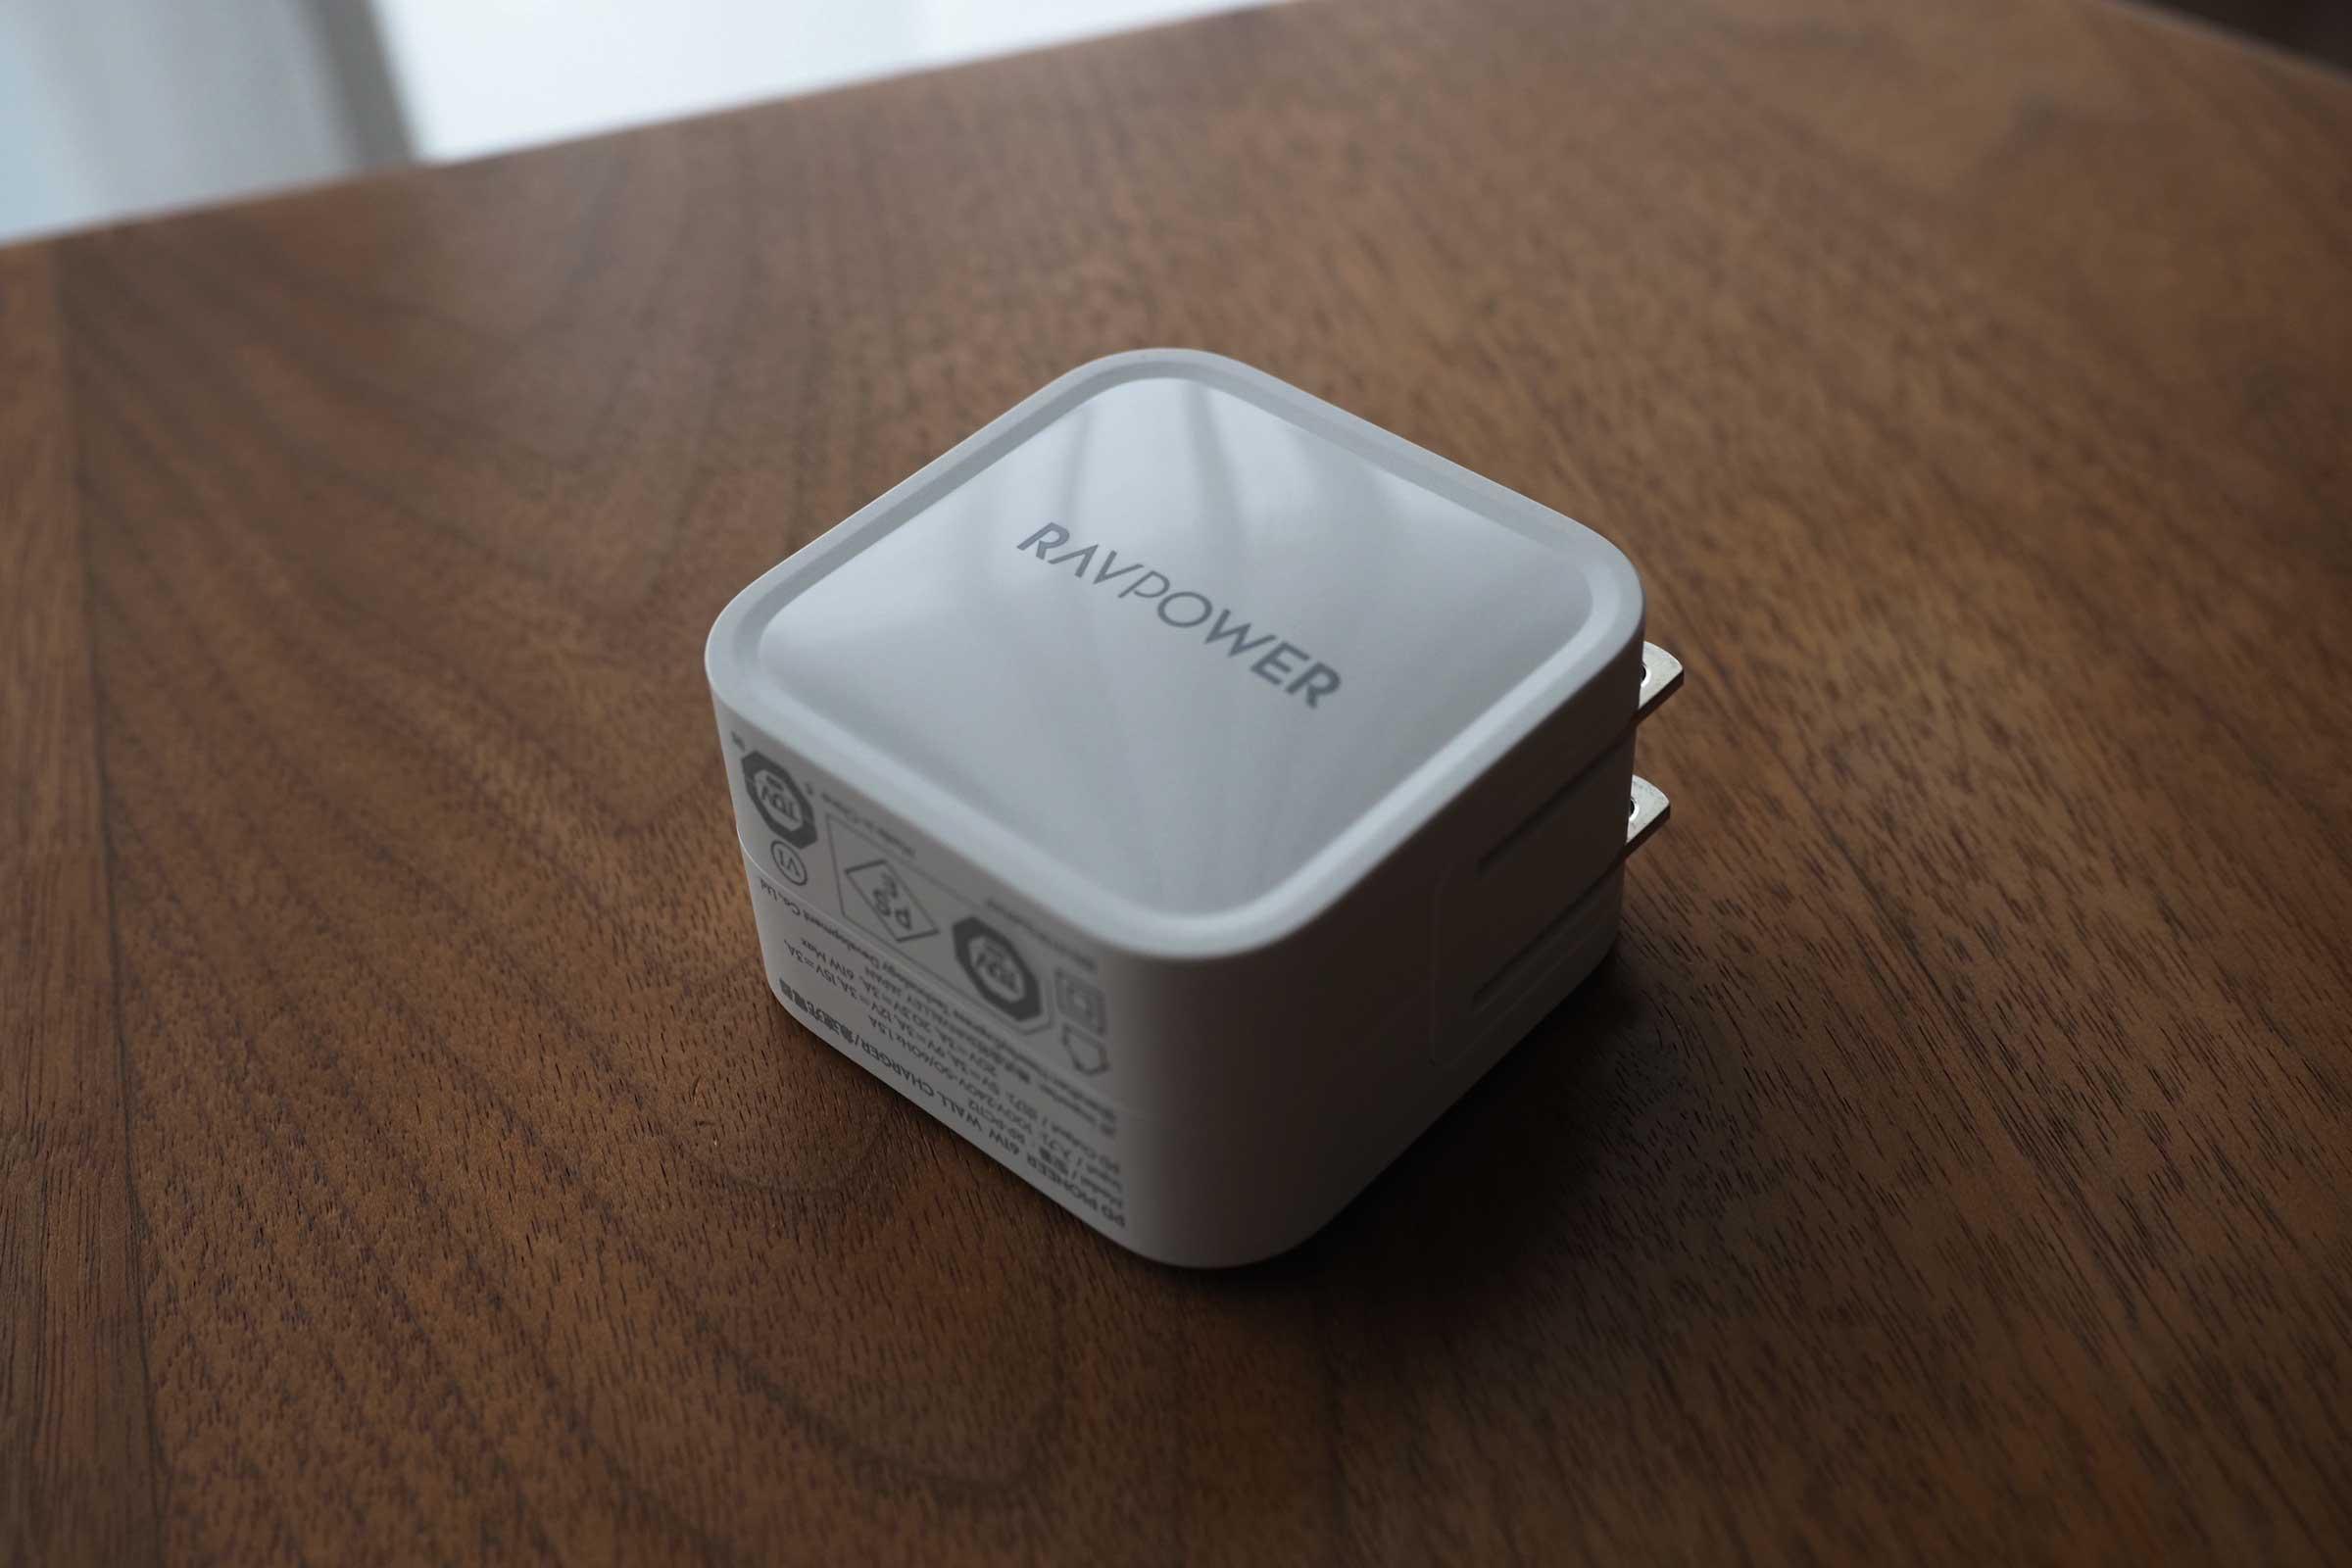 MacBook,充電,ラブパワー,61W,ガジェット,USB-C,パワフル,おすすめ